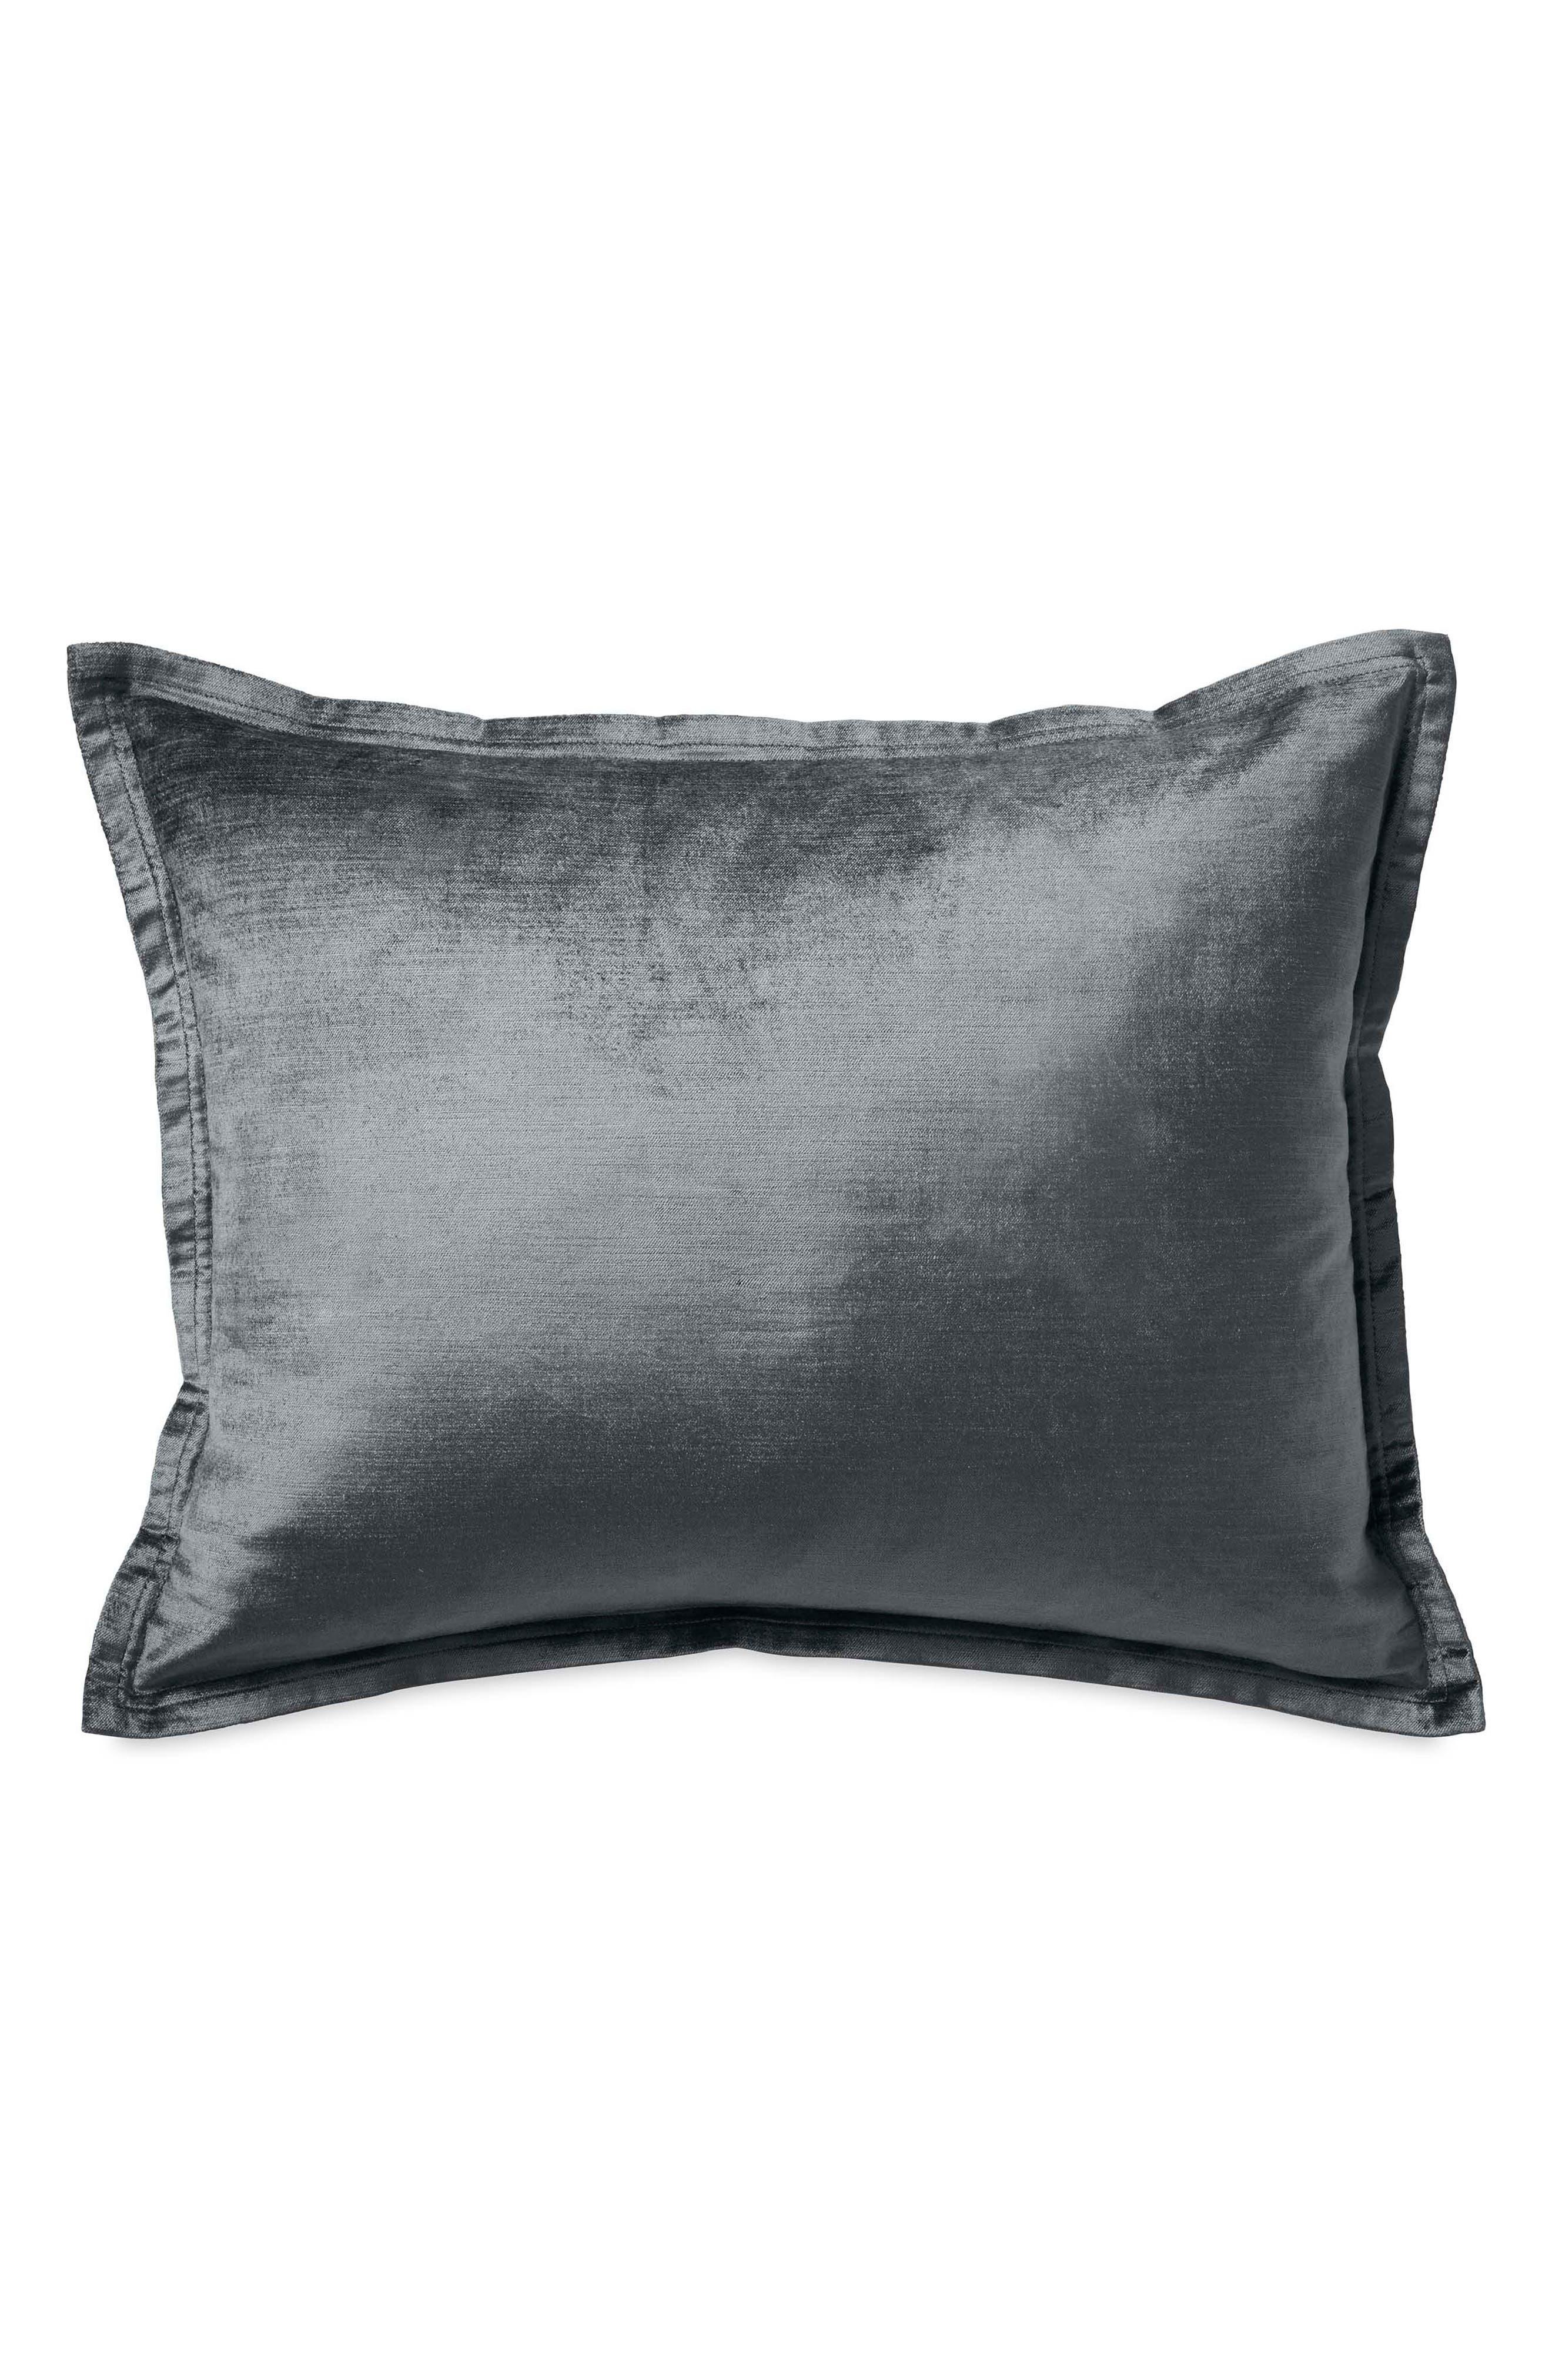 Main Image - Donna Karan New York Exhale Pillow